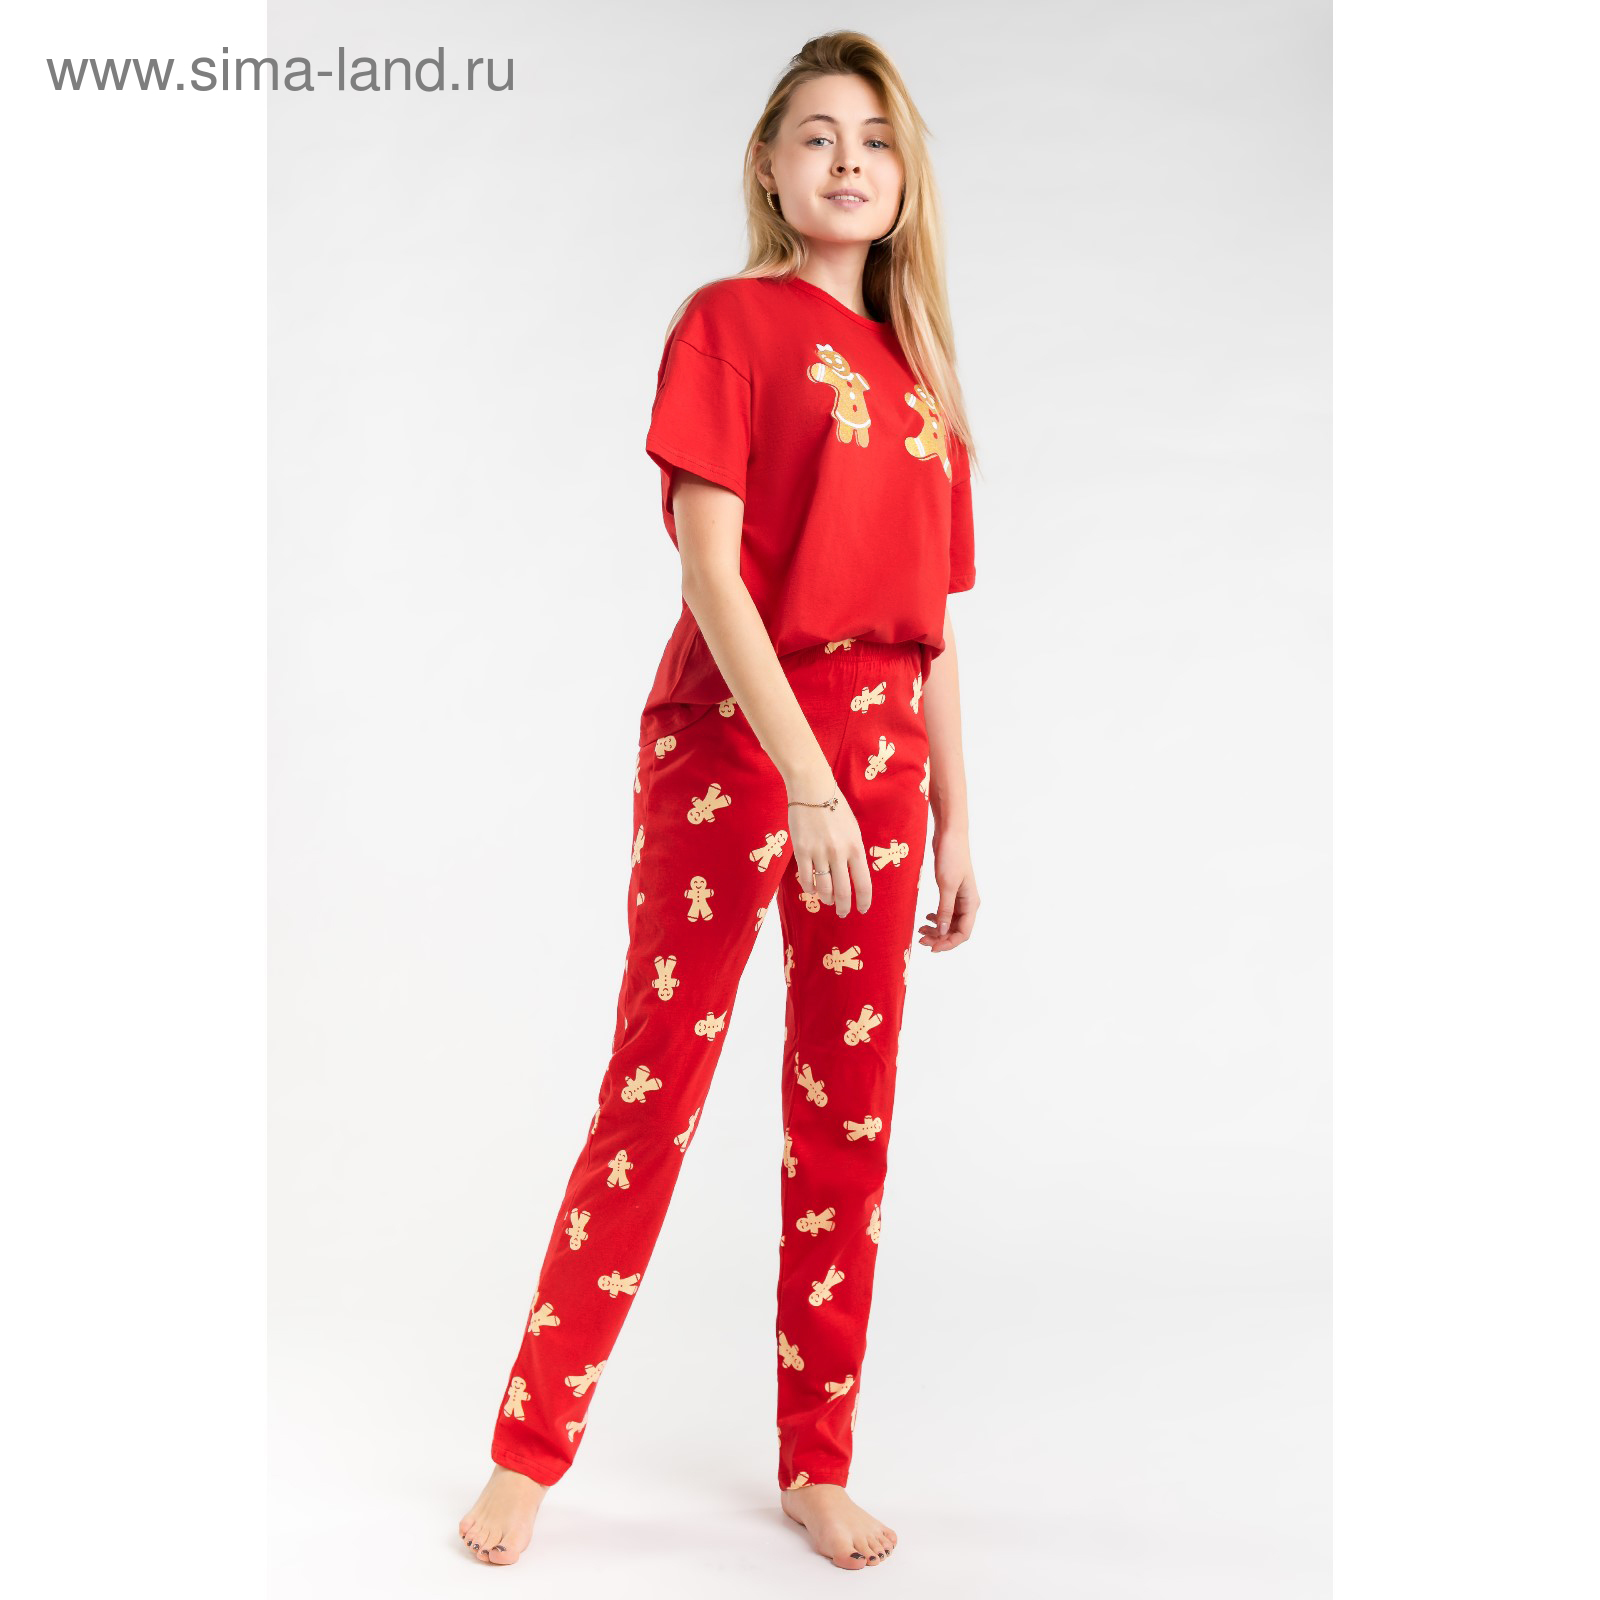 f5e6dc600bf4e Пижама женская (футболка, брюки) MINAKU